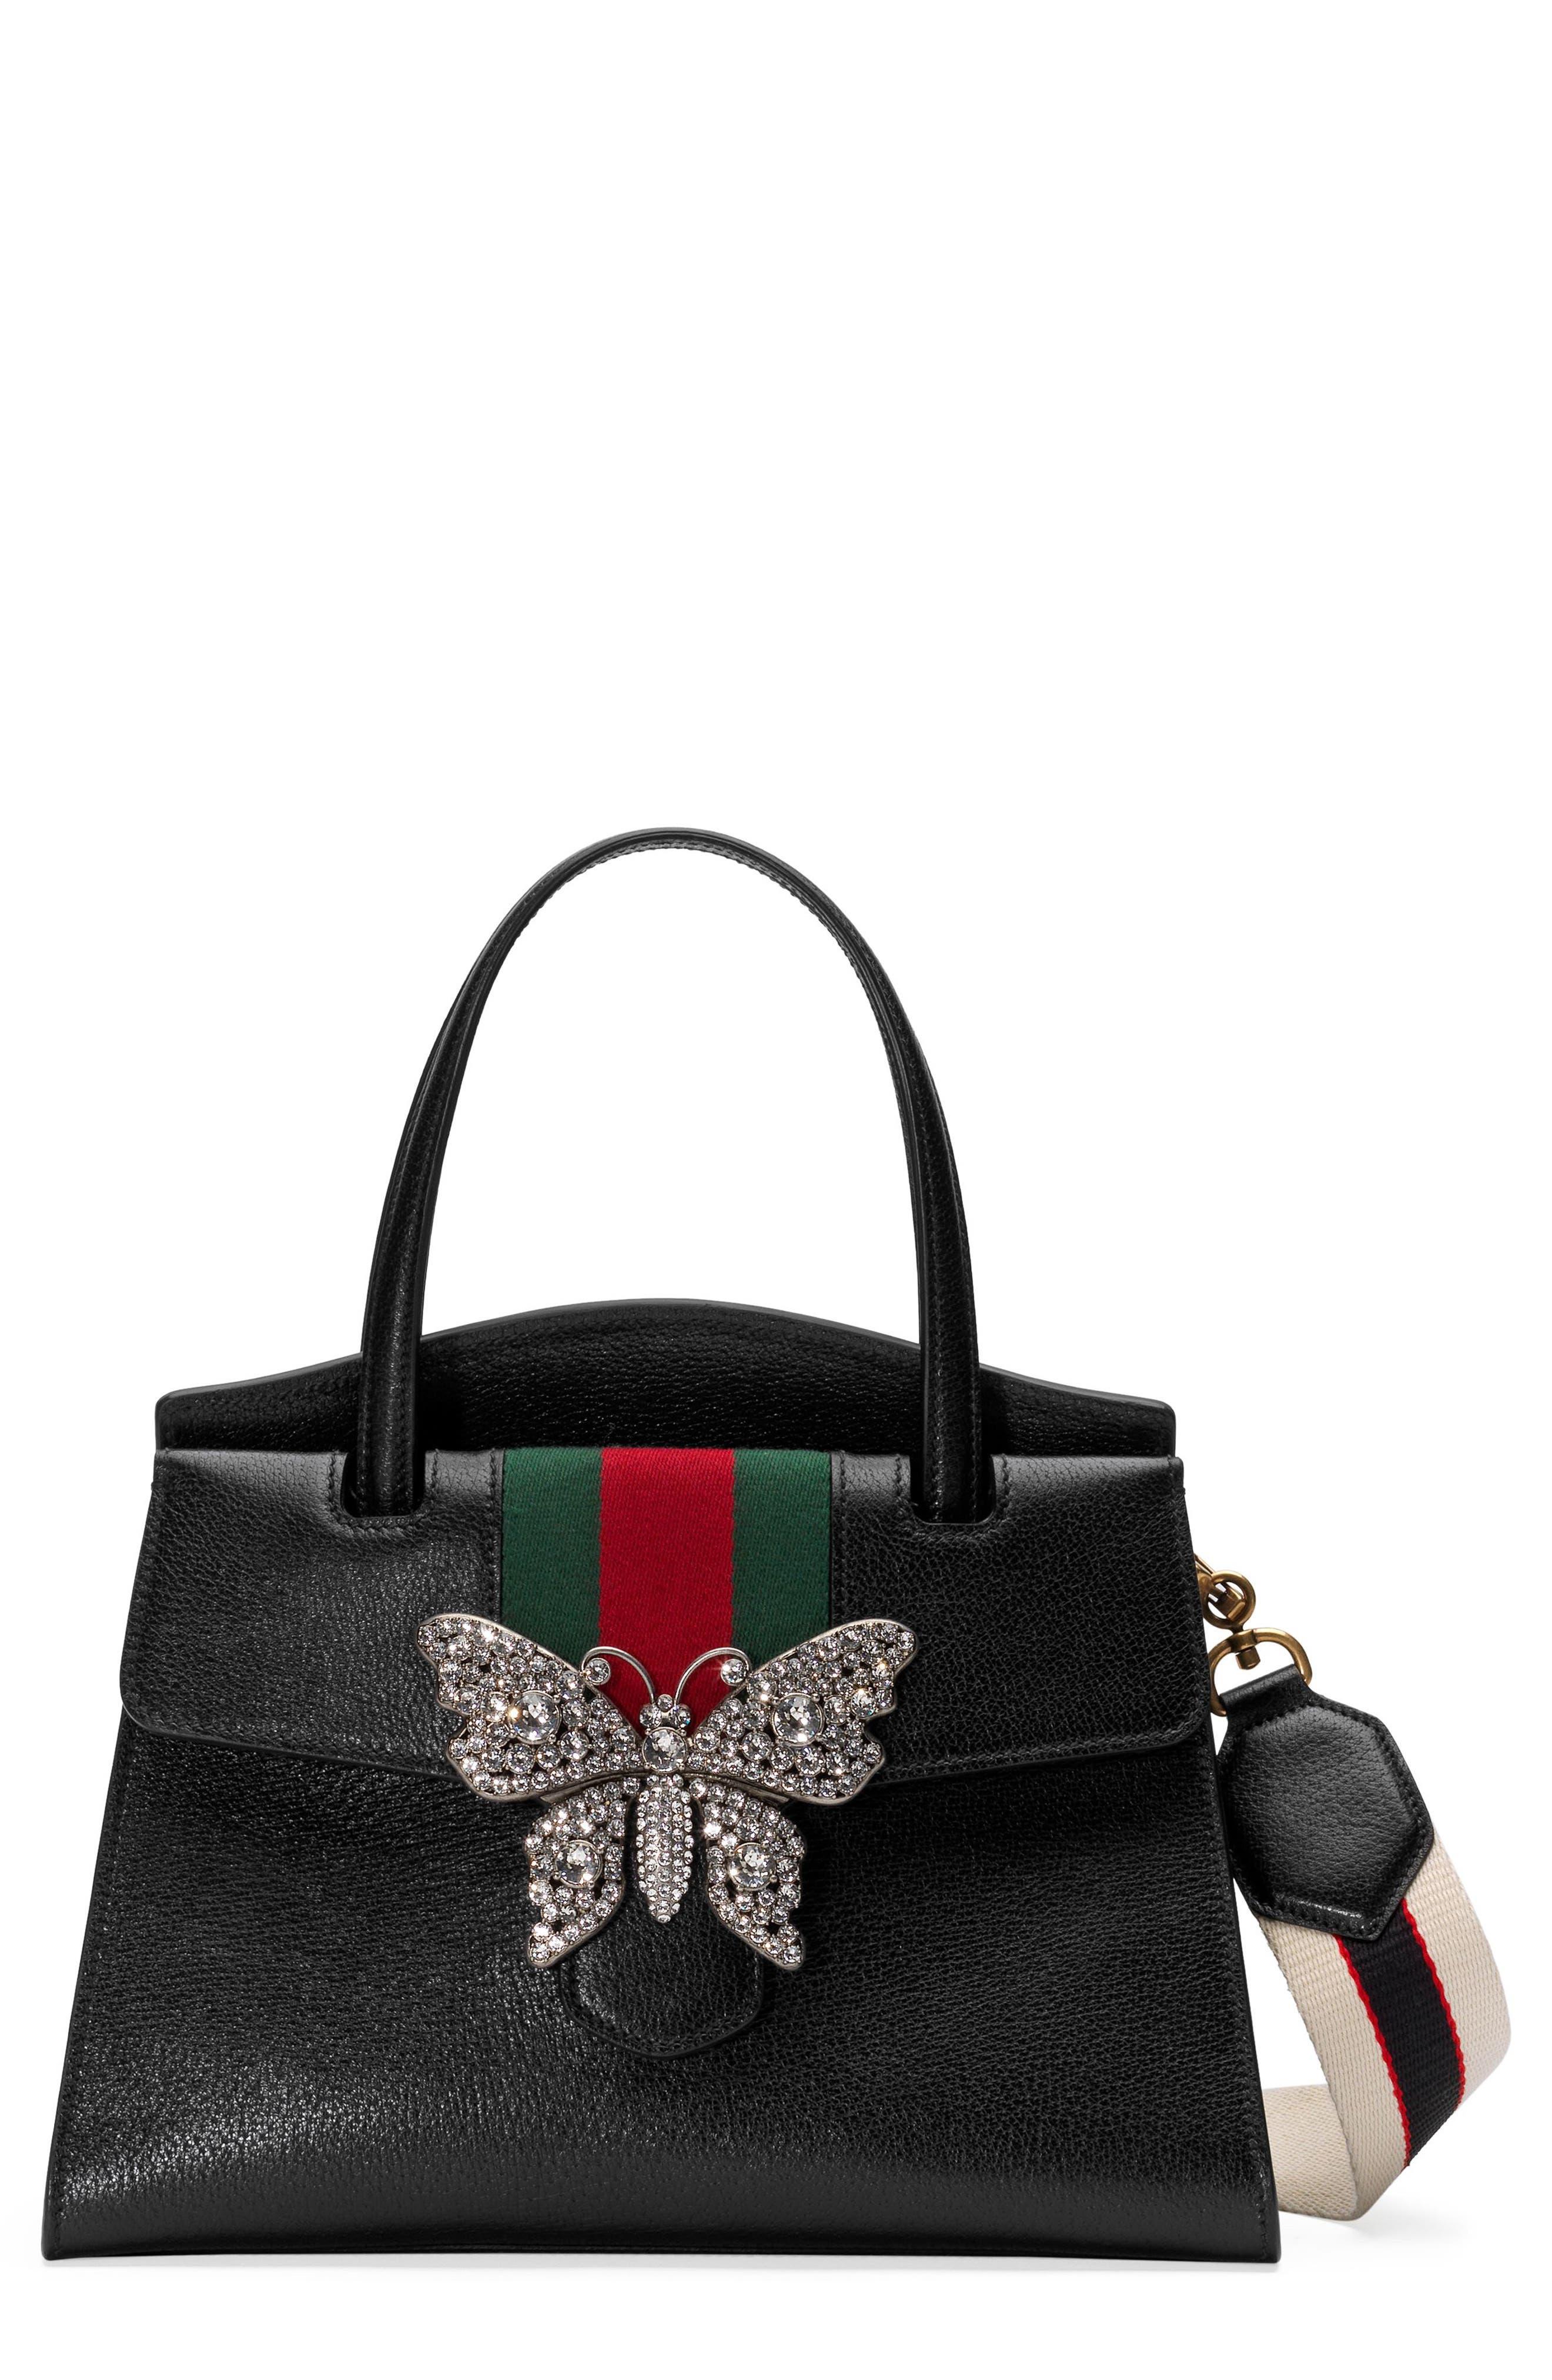 Gucci Medium Linea Totem Leather Satchel